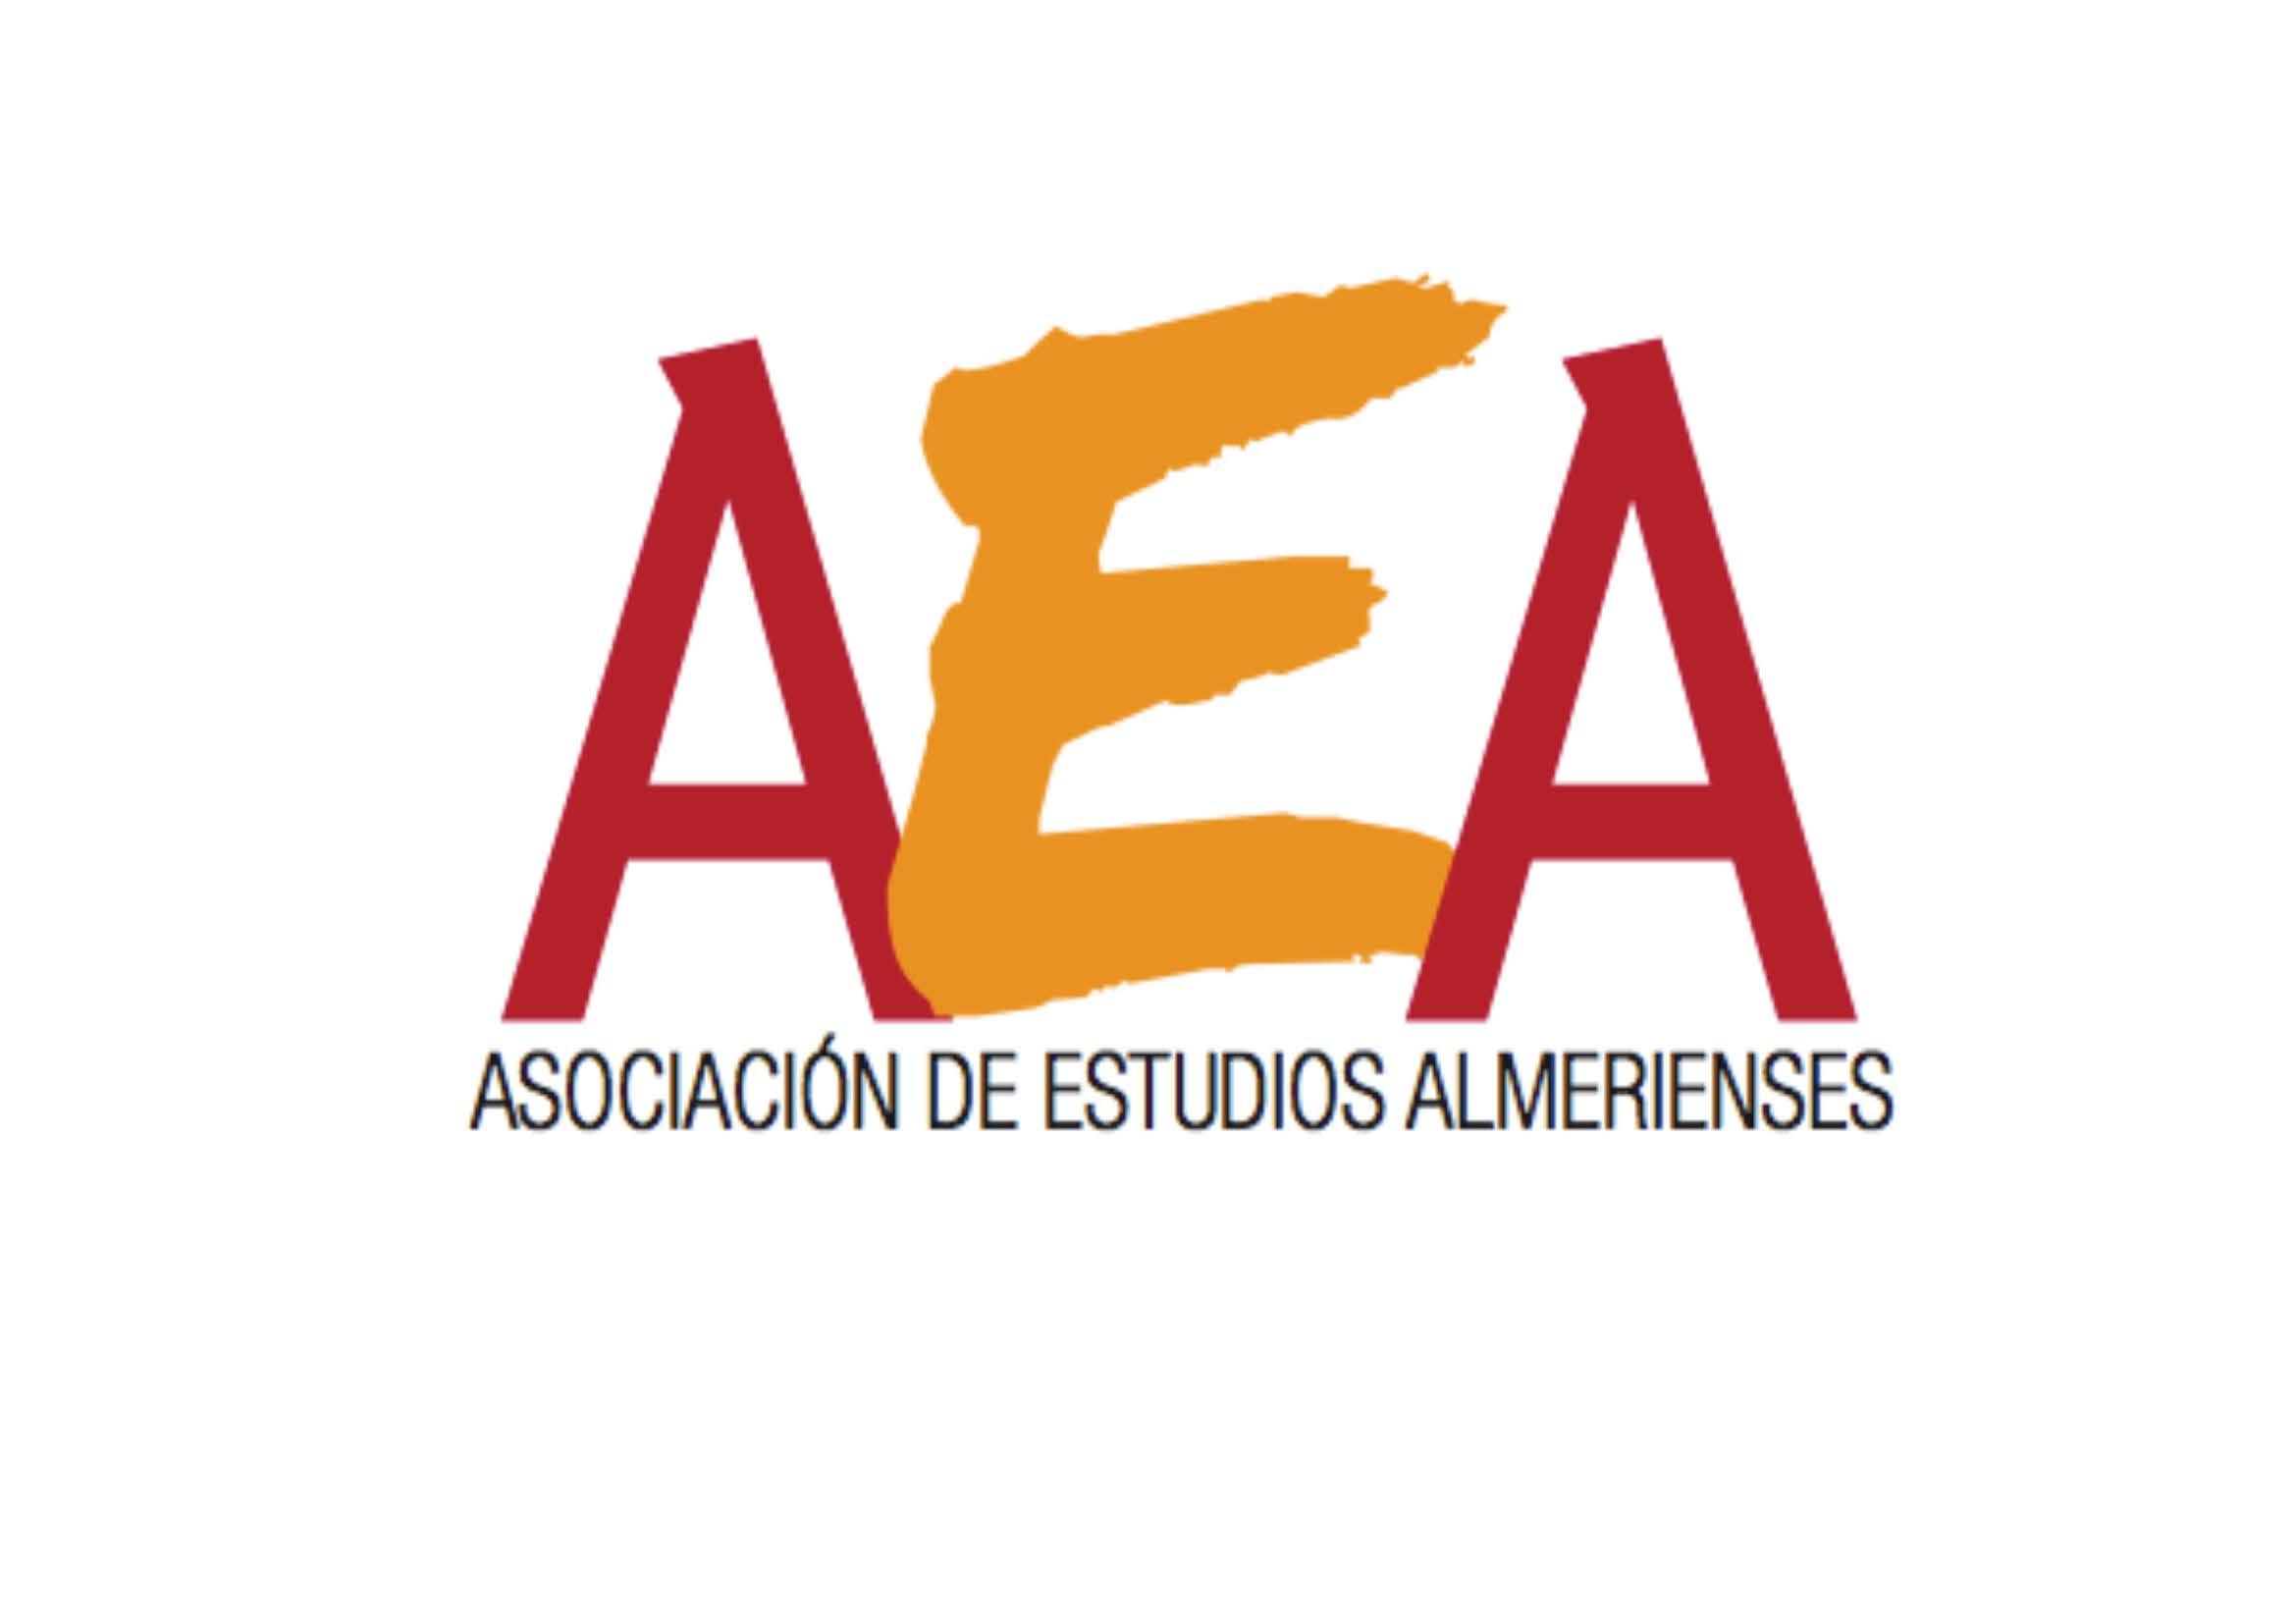 AULA UAL SERVICIO DE DEPORTES